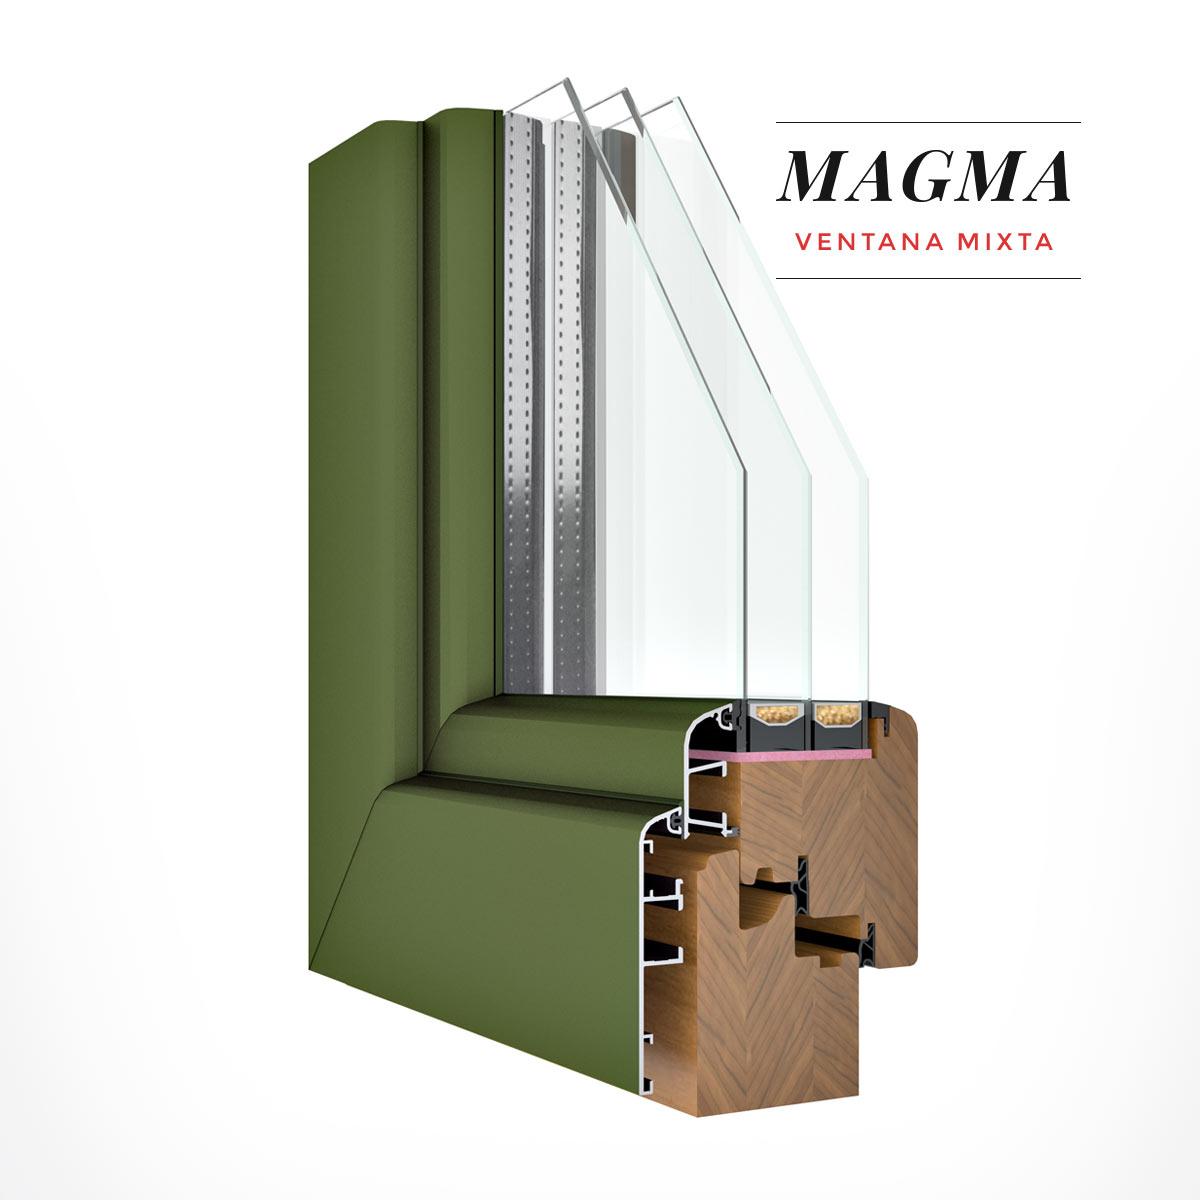 Carreté Finestres - finestra de fusta i alumini de color verd - Finestres mixtes Magma